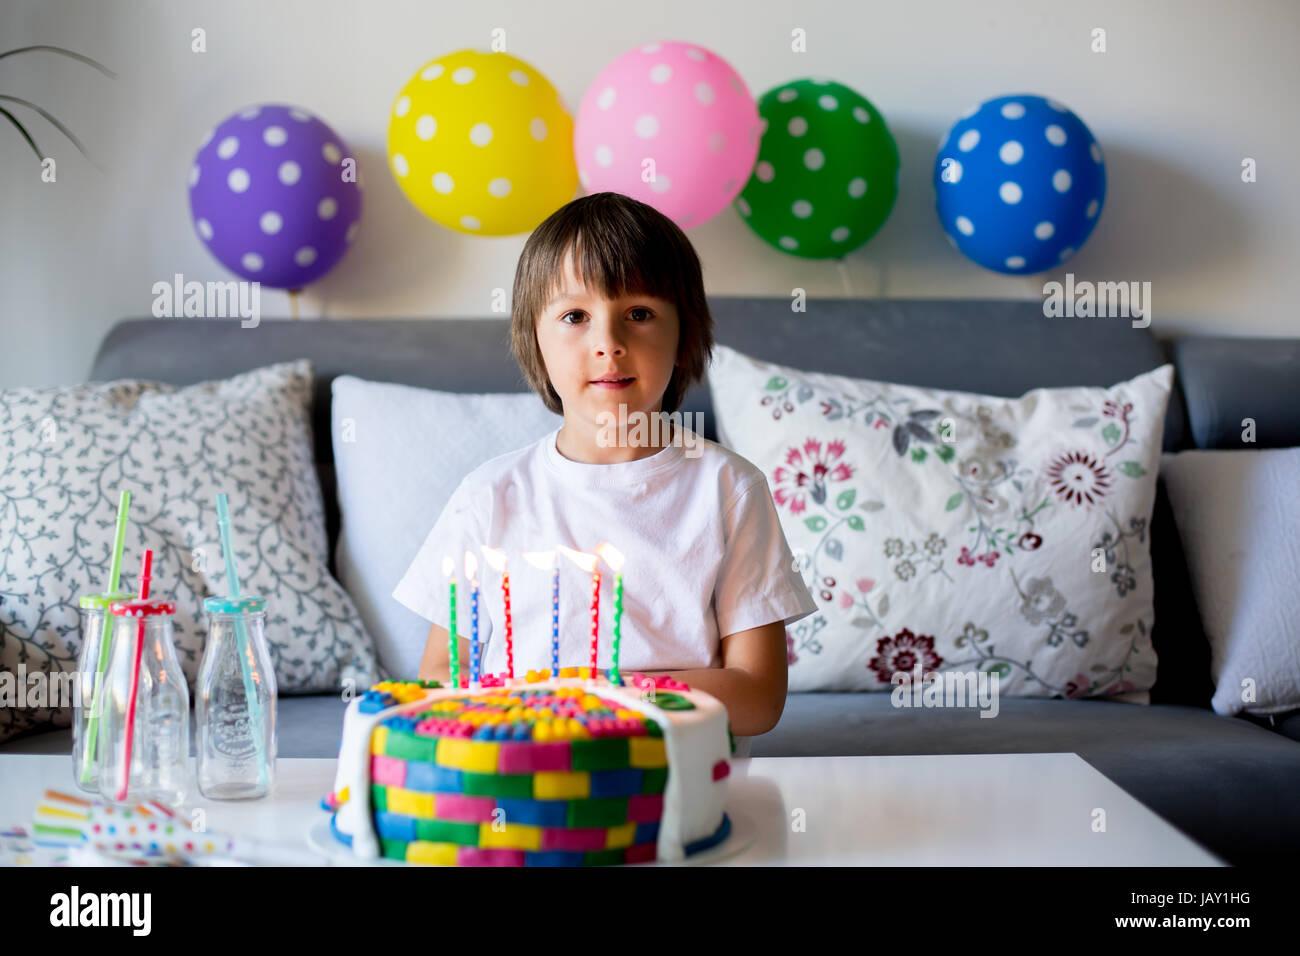 Süßes kleines Kind, junge, feiert seinen sechsten Geburtstag, Kuchen, Luftballons, Kerzen, Cookies. Kindheit Stockbild